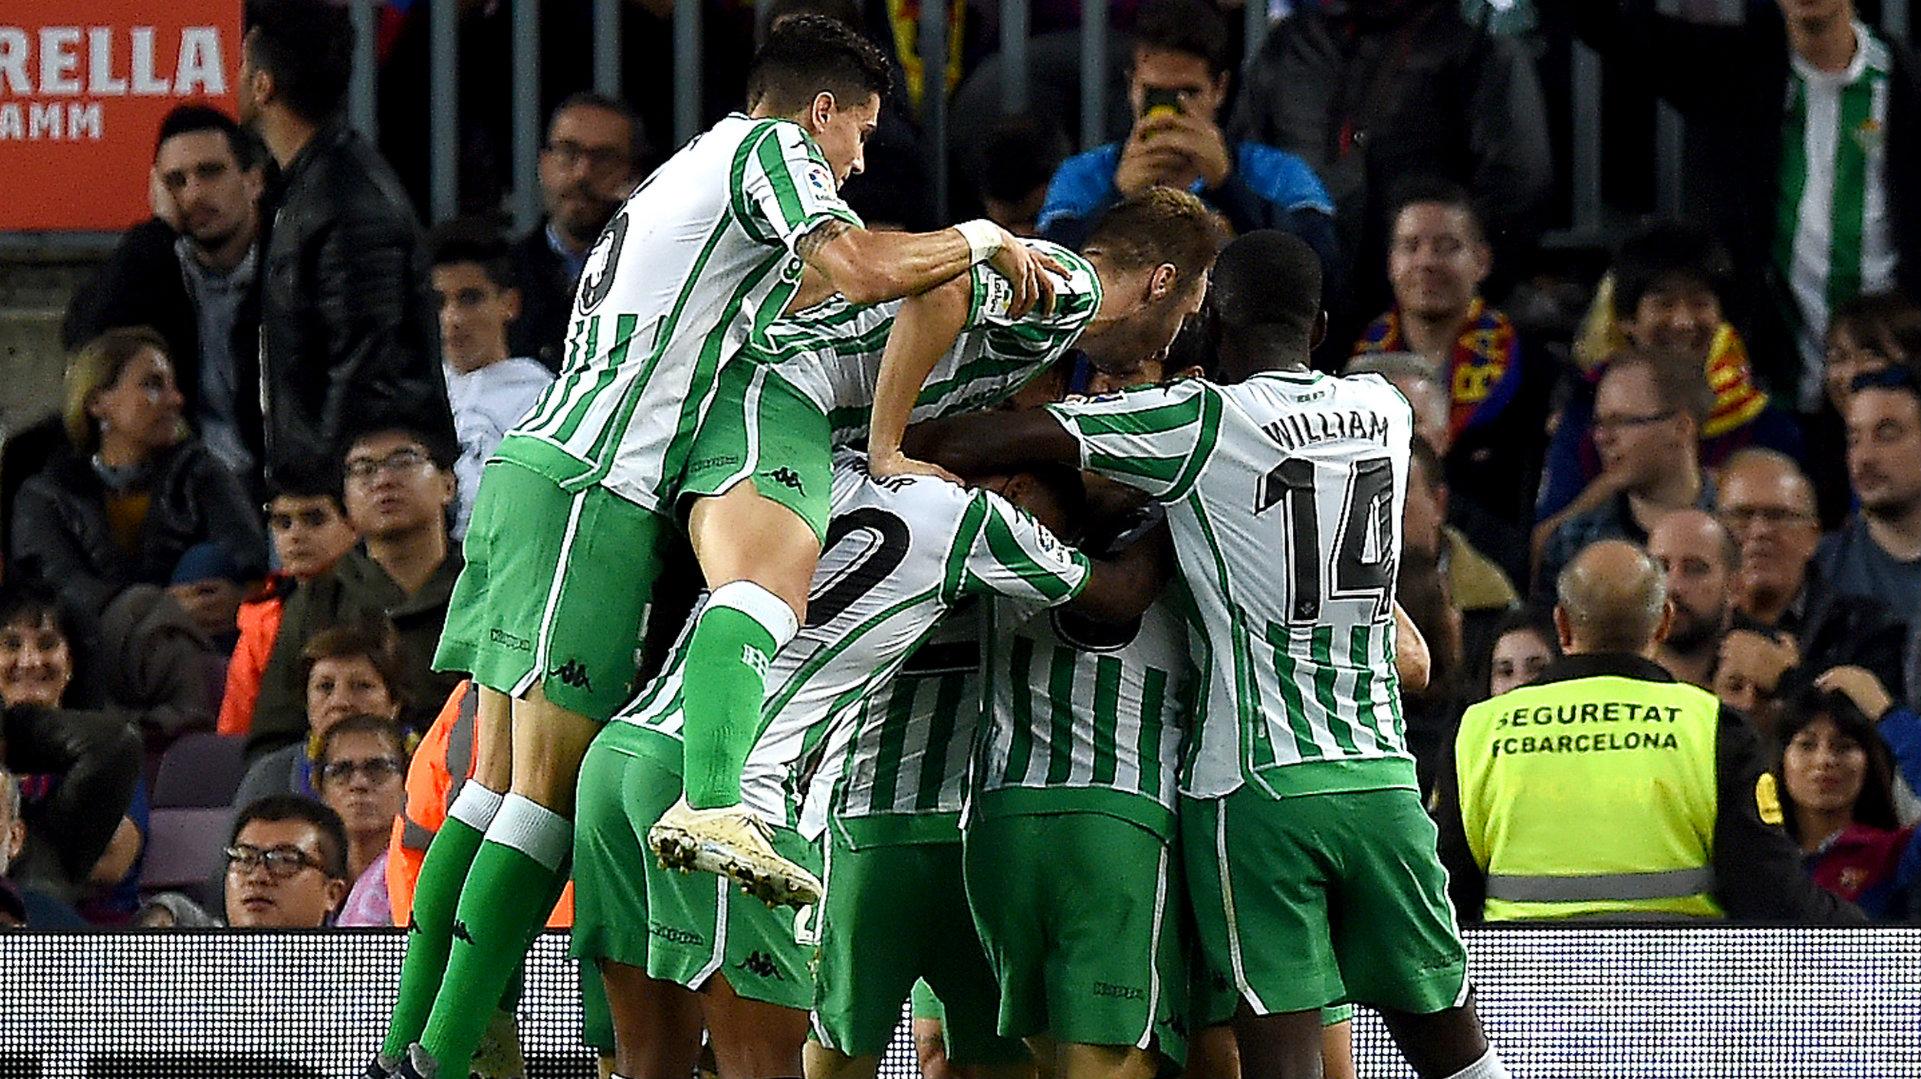 Real Betis celebration vs Barcelona La Liga 2018-19